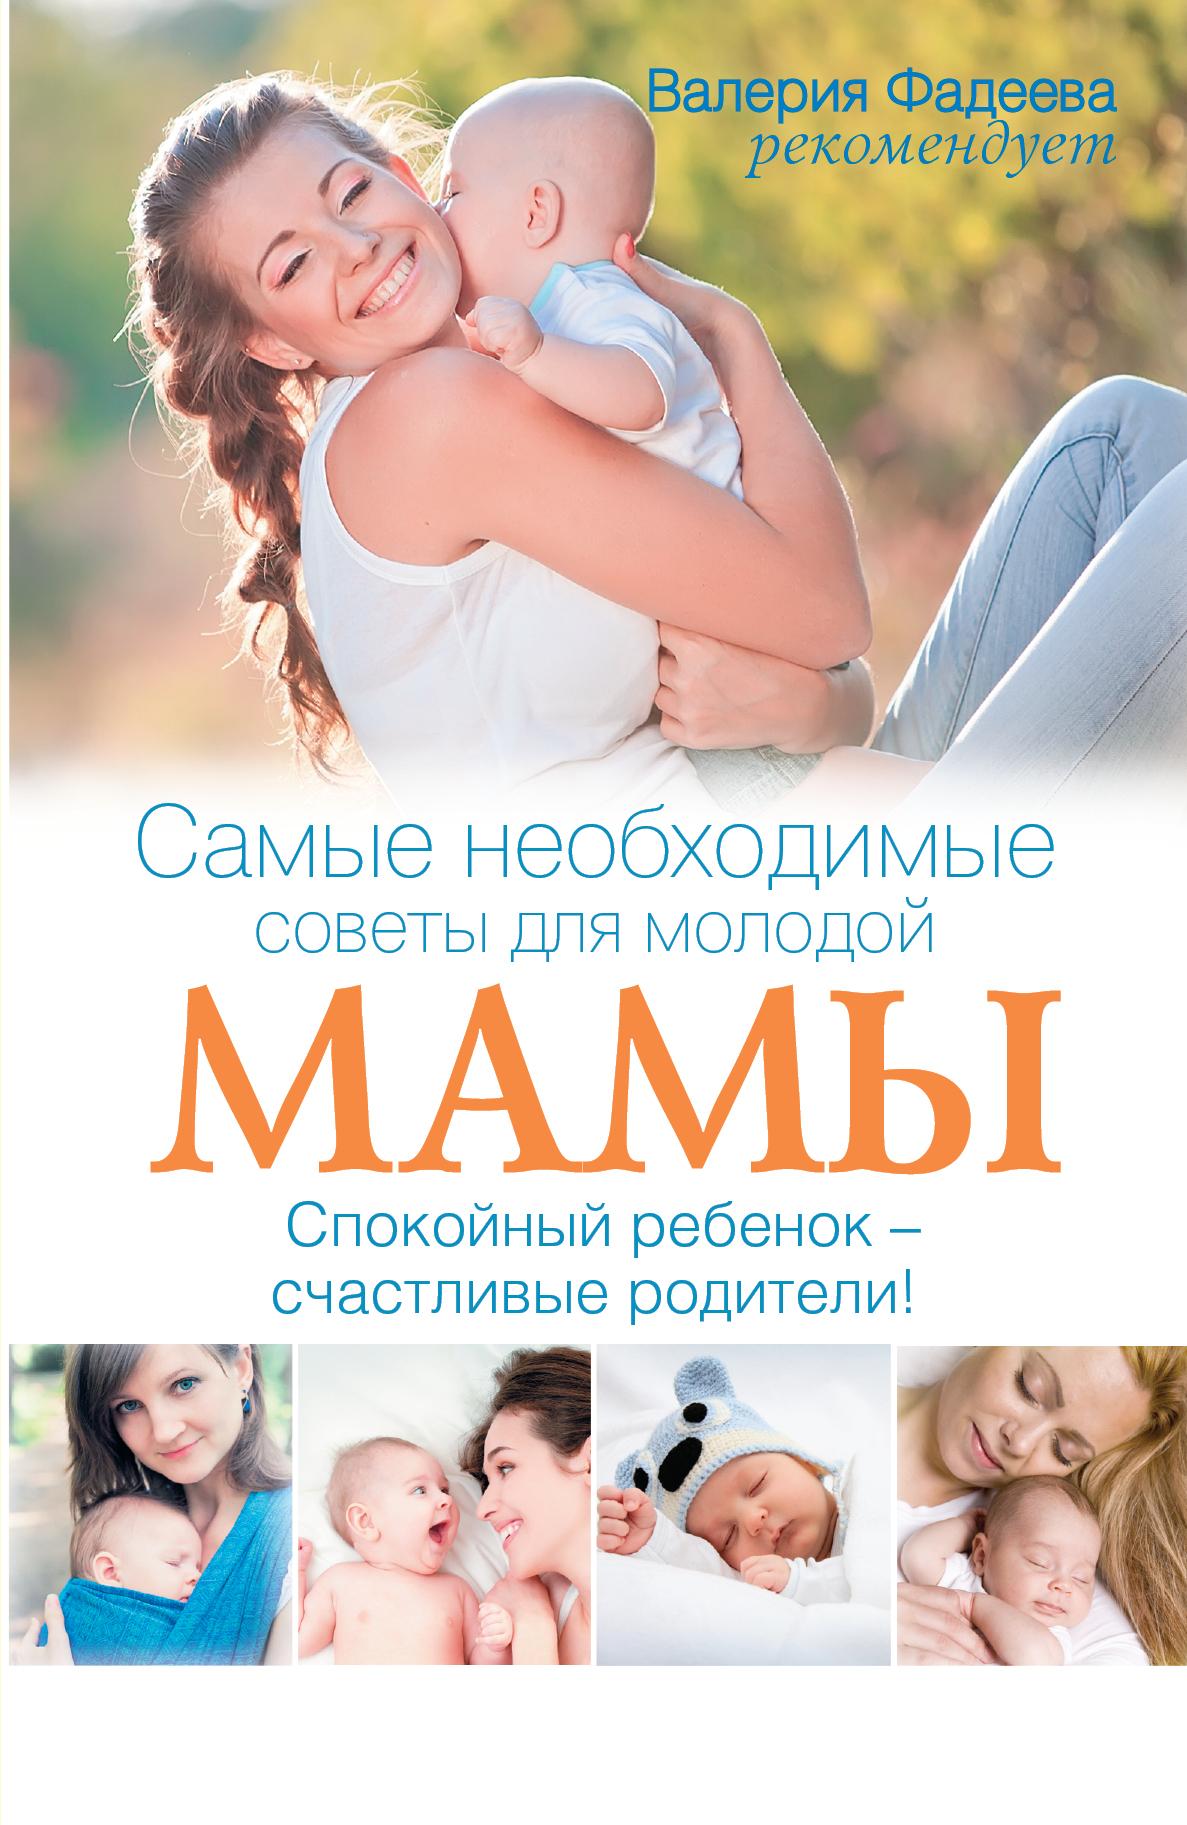 Самые необходимые советы для молодой мамы. Спокойный ребенок - счастливые родители!